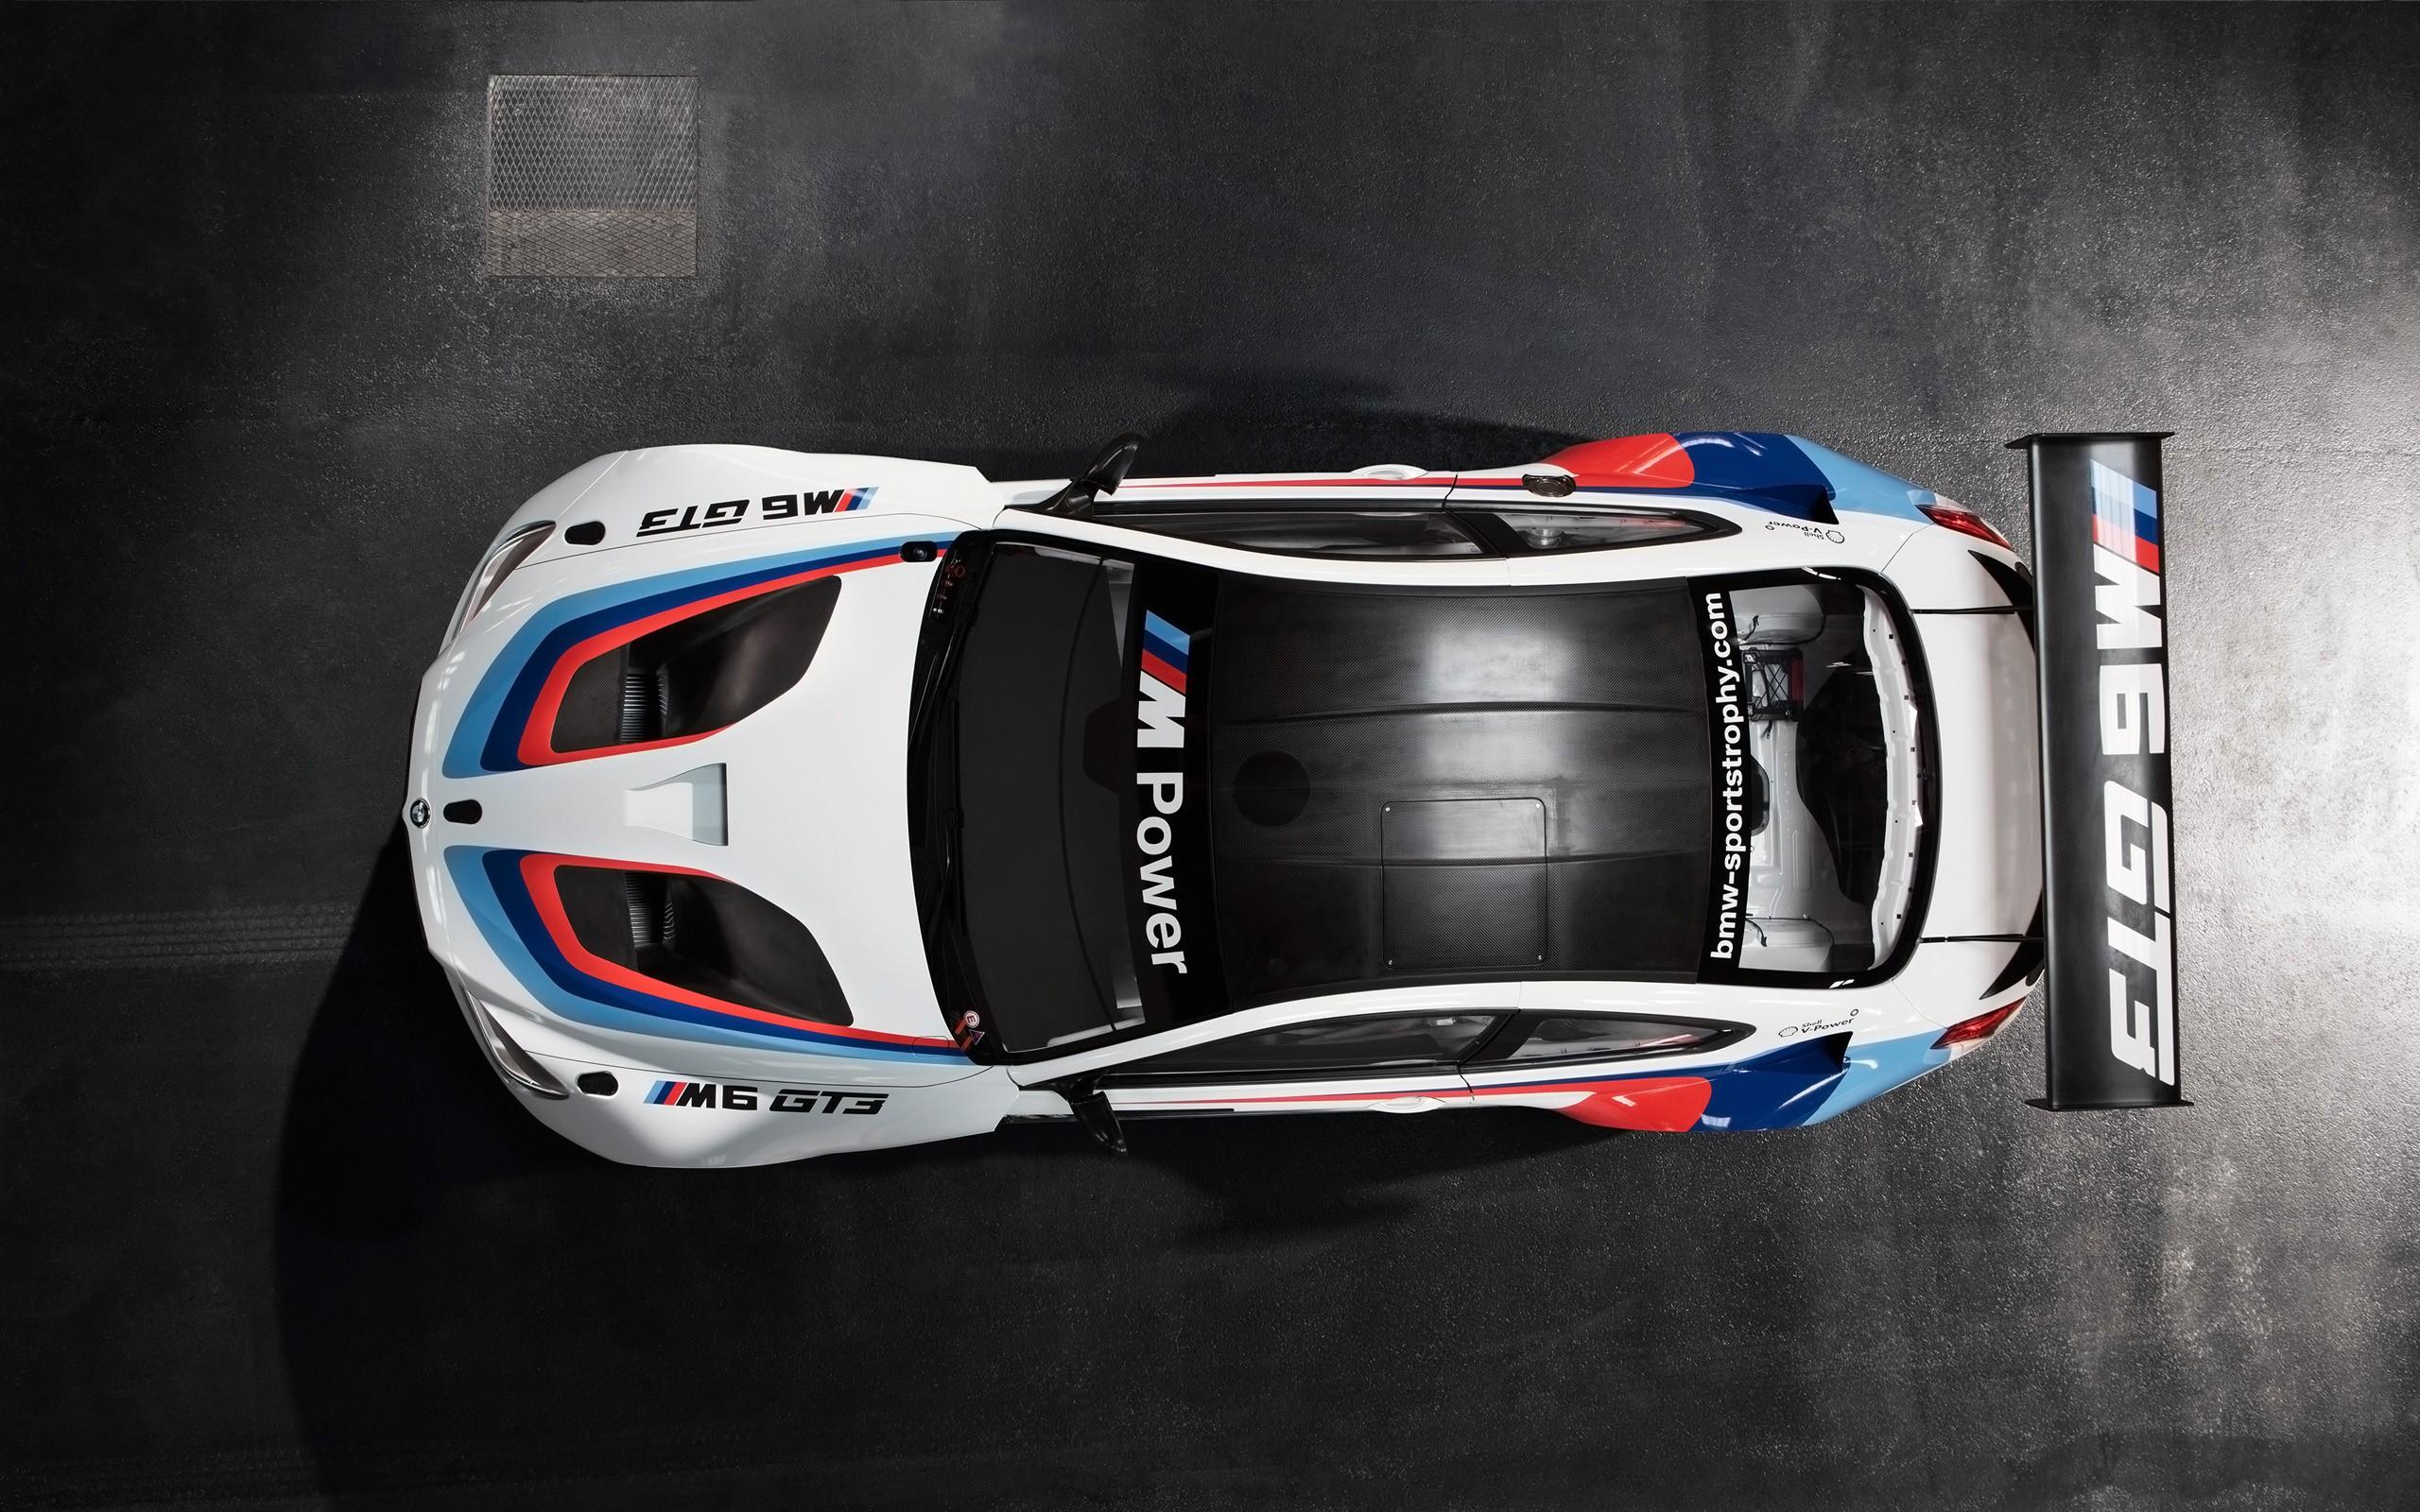 2016 BMW M6 GT3 2 Wallpaper | HD Car Wallpapers | ID #5896